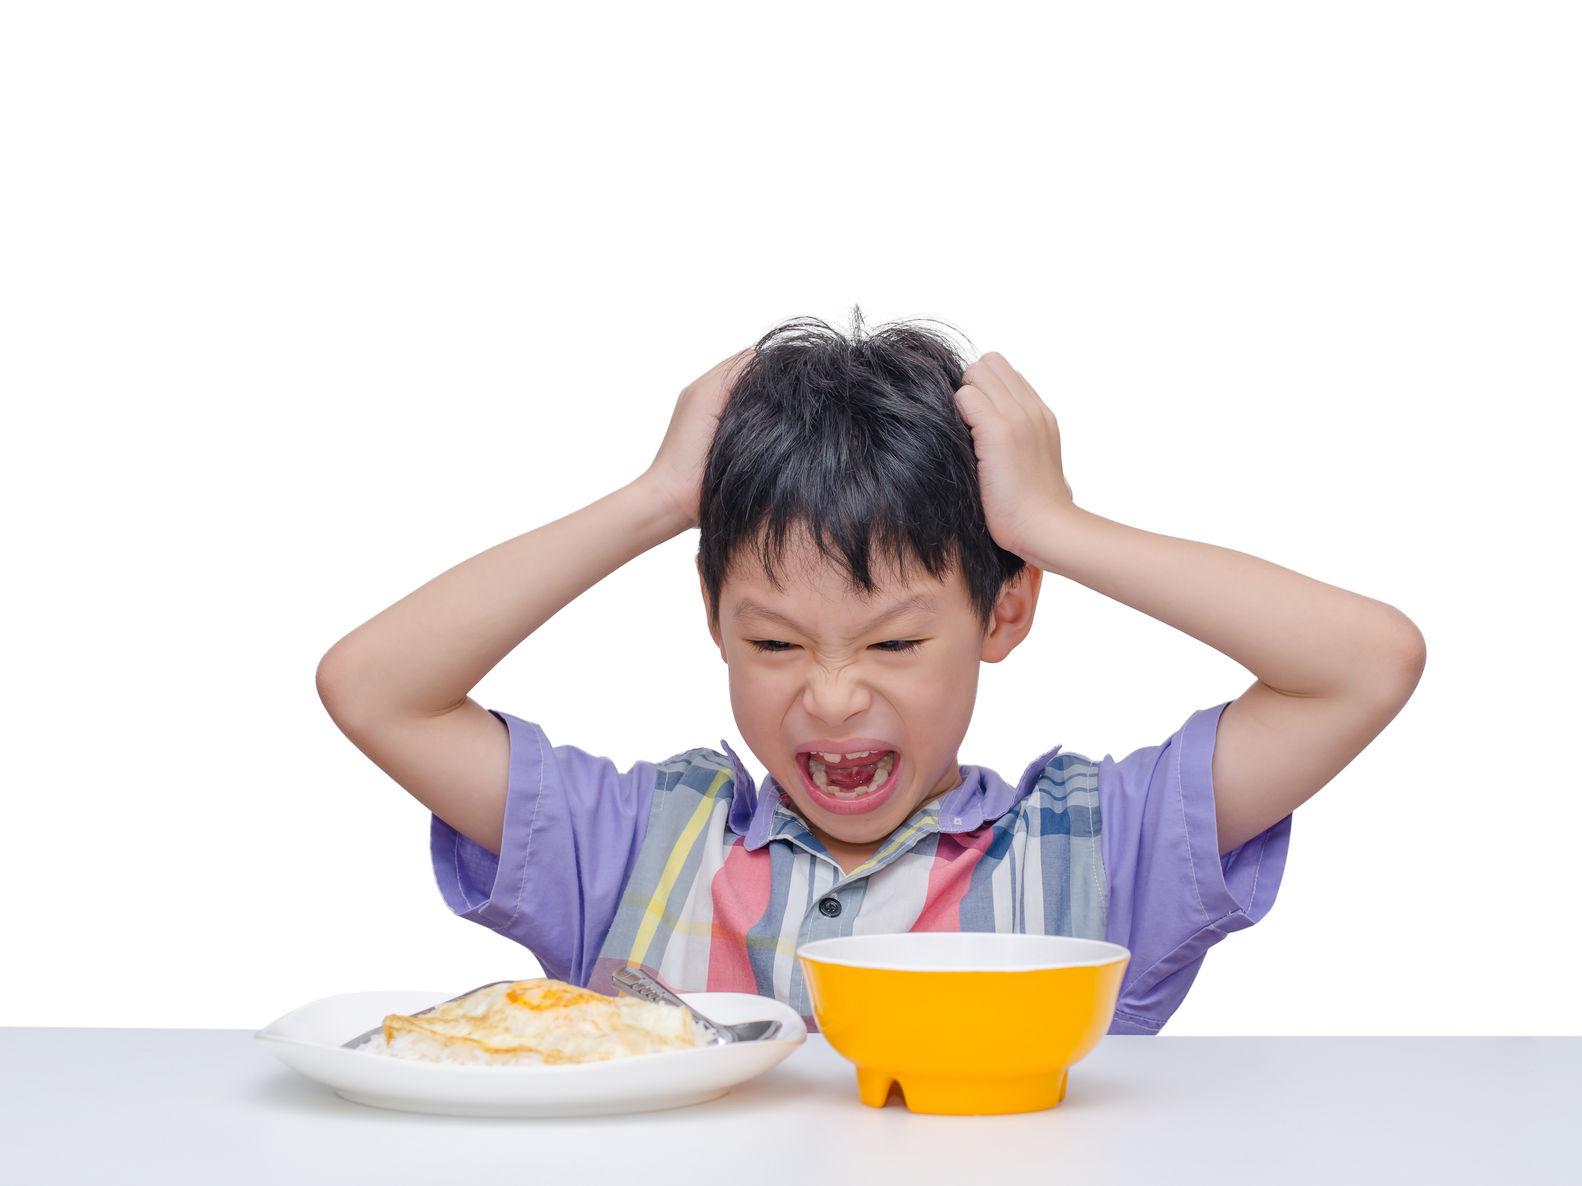 Los padres con depresión tienen más riesgo de que sus hijos sean quisquillosos con la comida